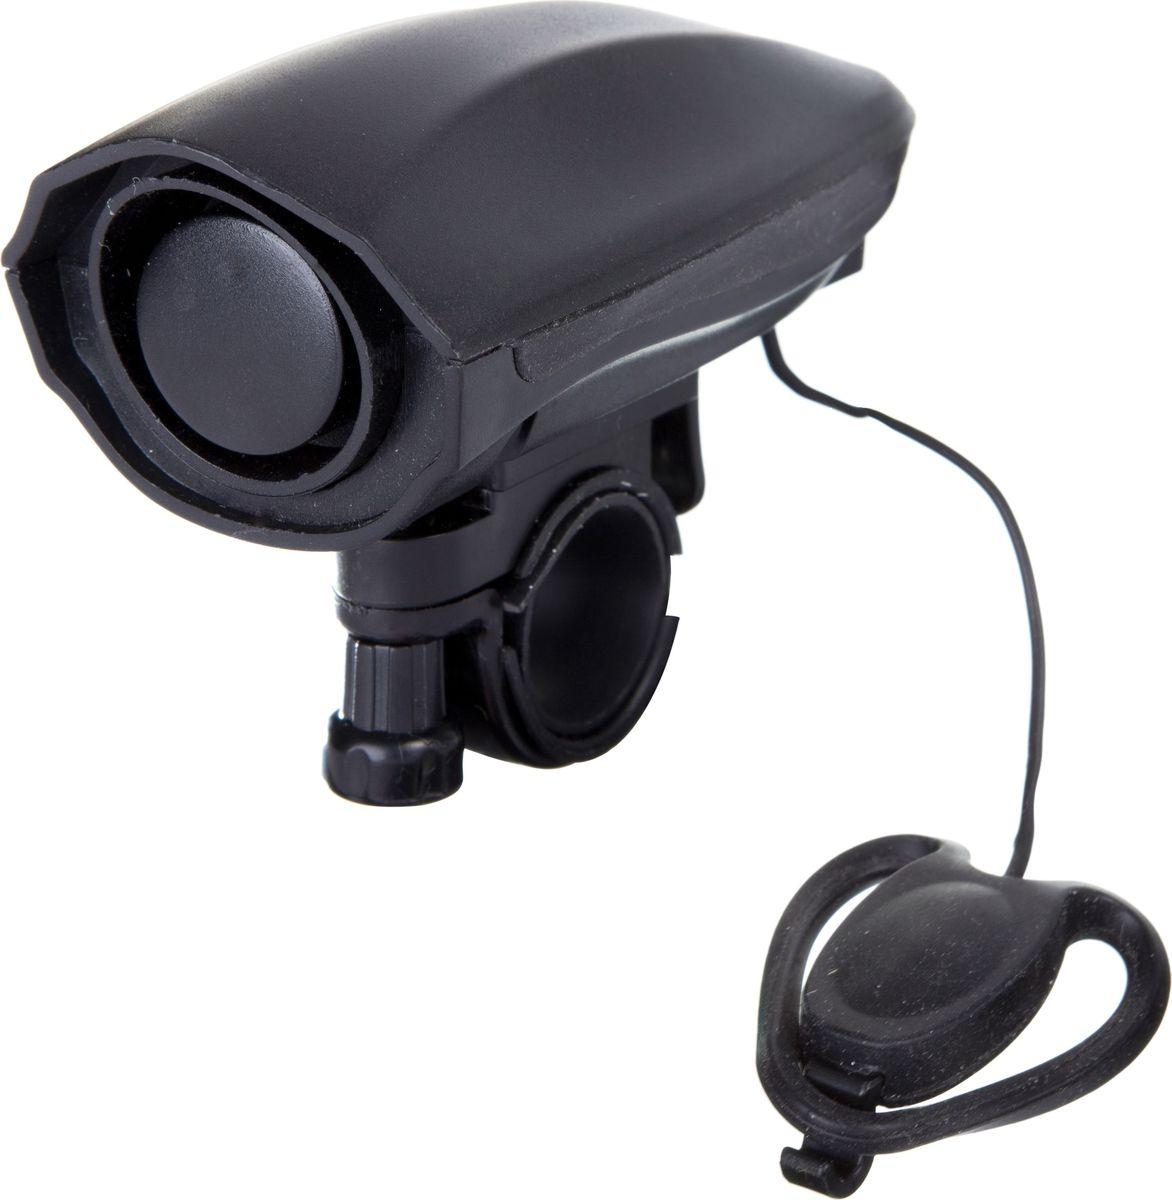 Звонок велосипедный STG JY575J, электронный, 2 звука, мощность 120 ДБХ81882Электронный звонок STG JY575J, выполненный из пластика и металла, предупредит пешеходов и других велосипедистов о вашем приближении, а также обеспечит безопасность вашего движения. Звонок предназначен для крепления на руль. Он имеет 2 звука: пищание и пение птиц.Мощность: 120 ДБ.В качестве элемента питания используются 3 батарейки типа ААА. Гид по велоаксессуарам. Статья OZON Гид